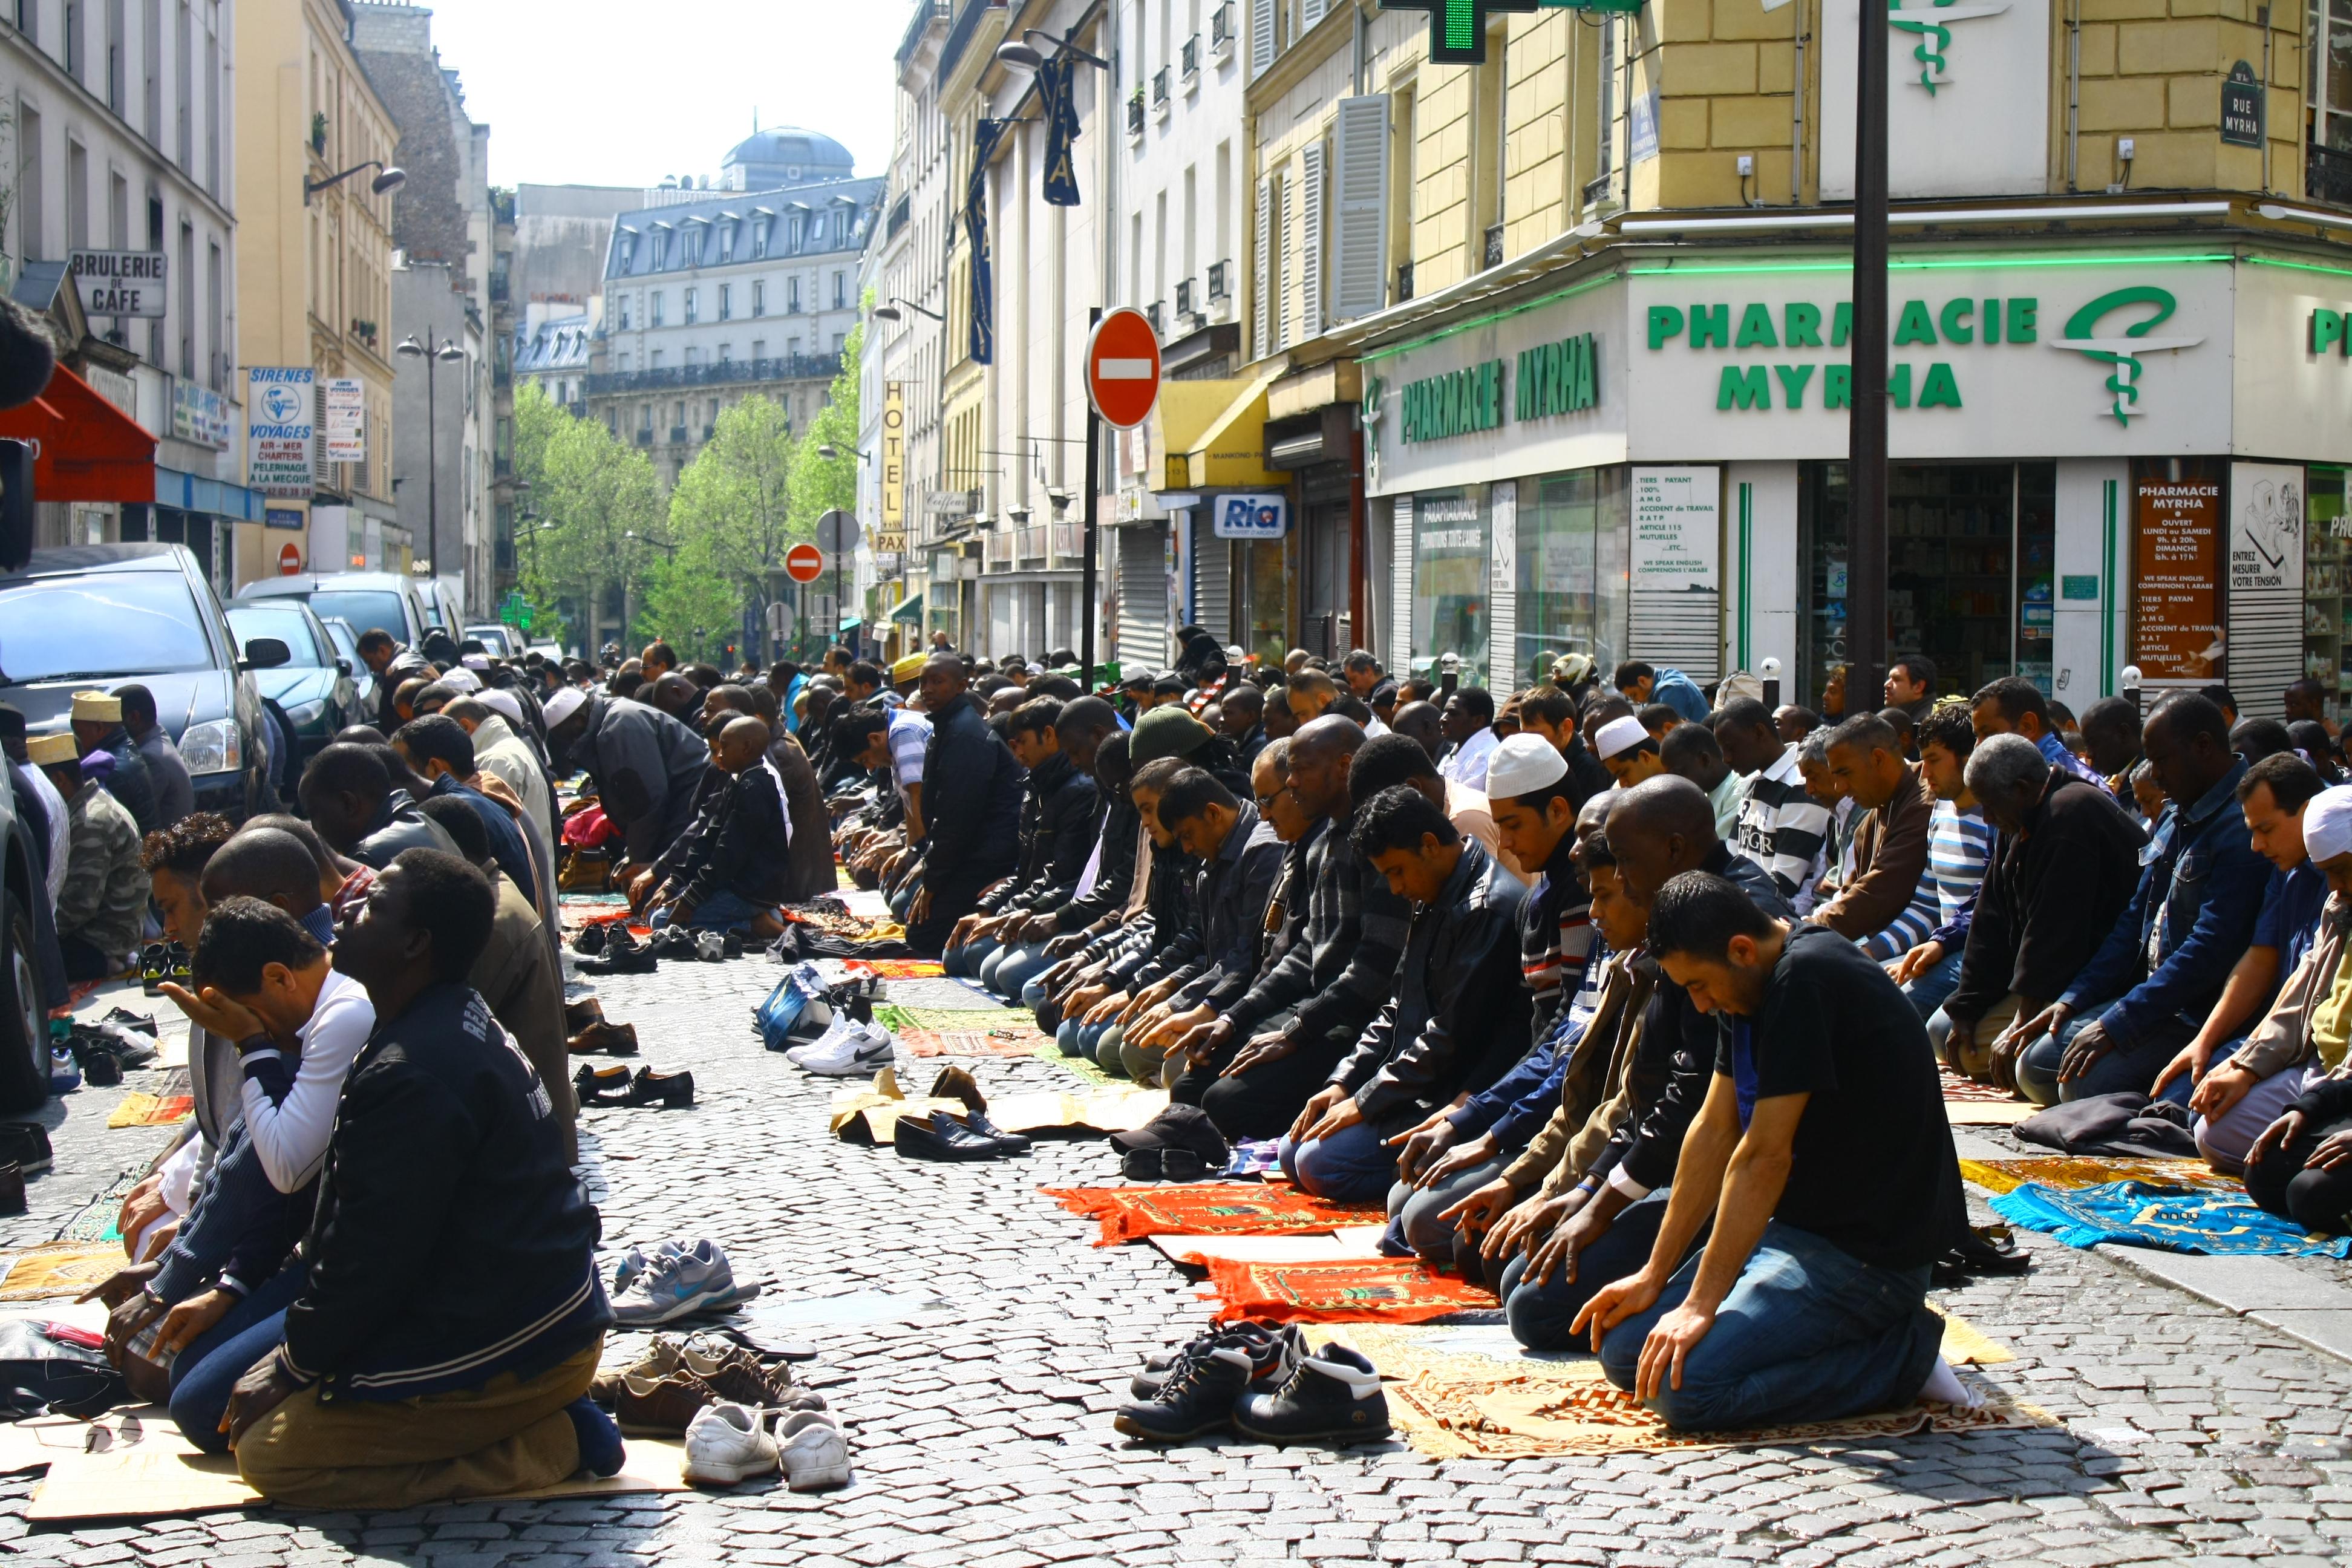 Мусульмане Парижа во время пятничной молитвы, 2011 год / Agrogan